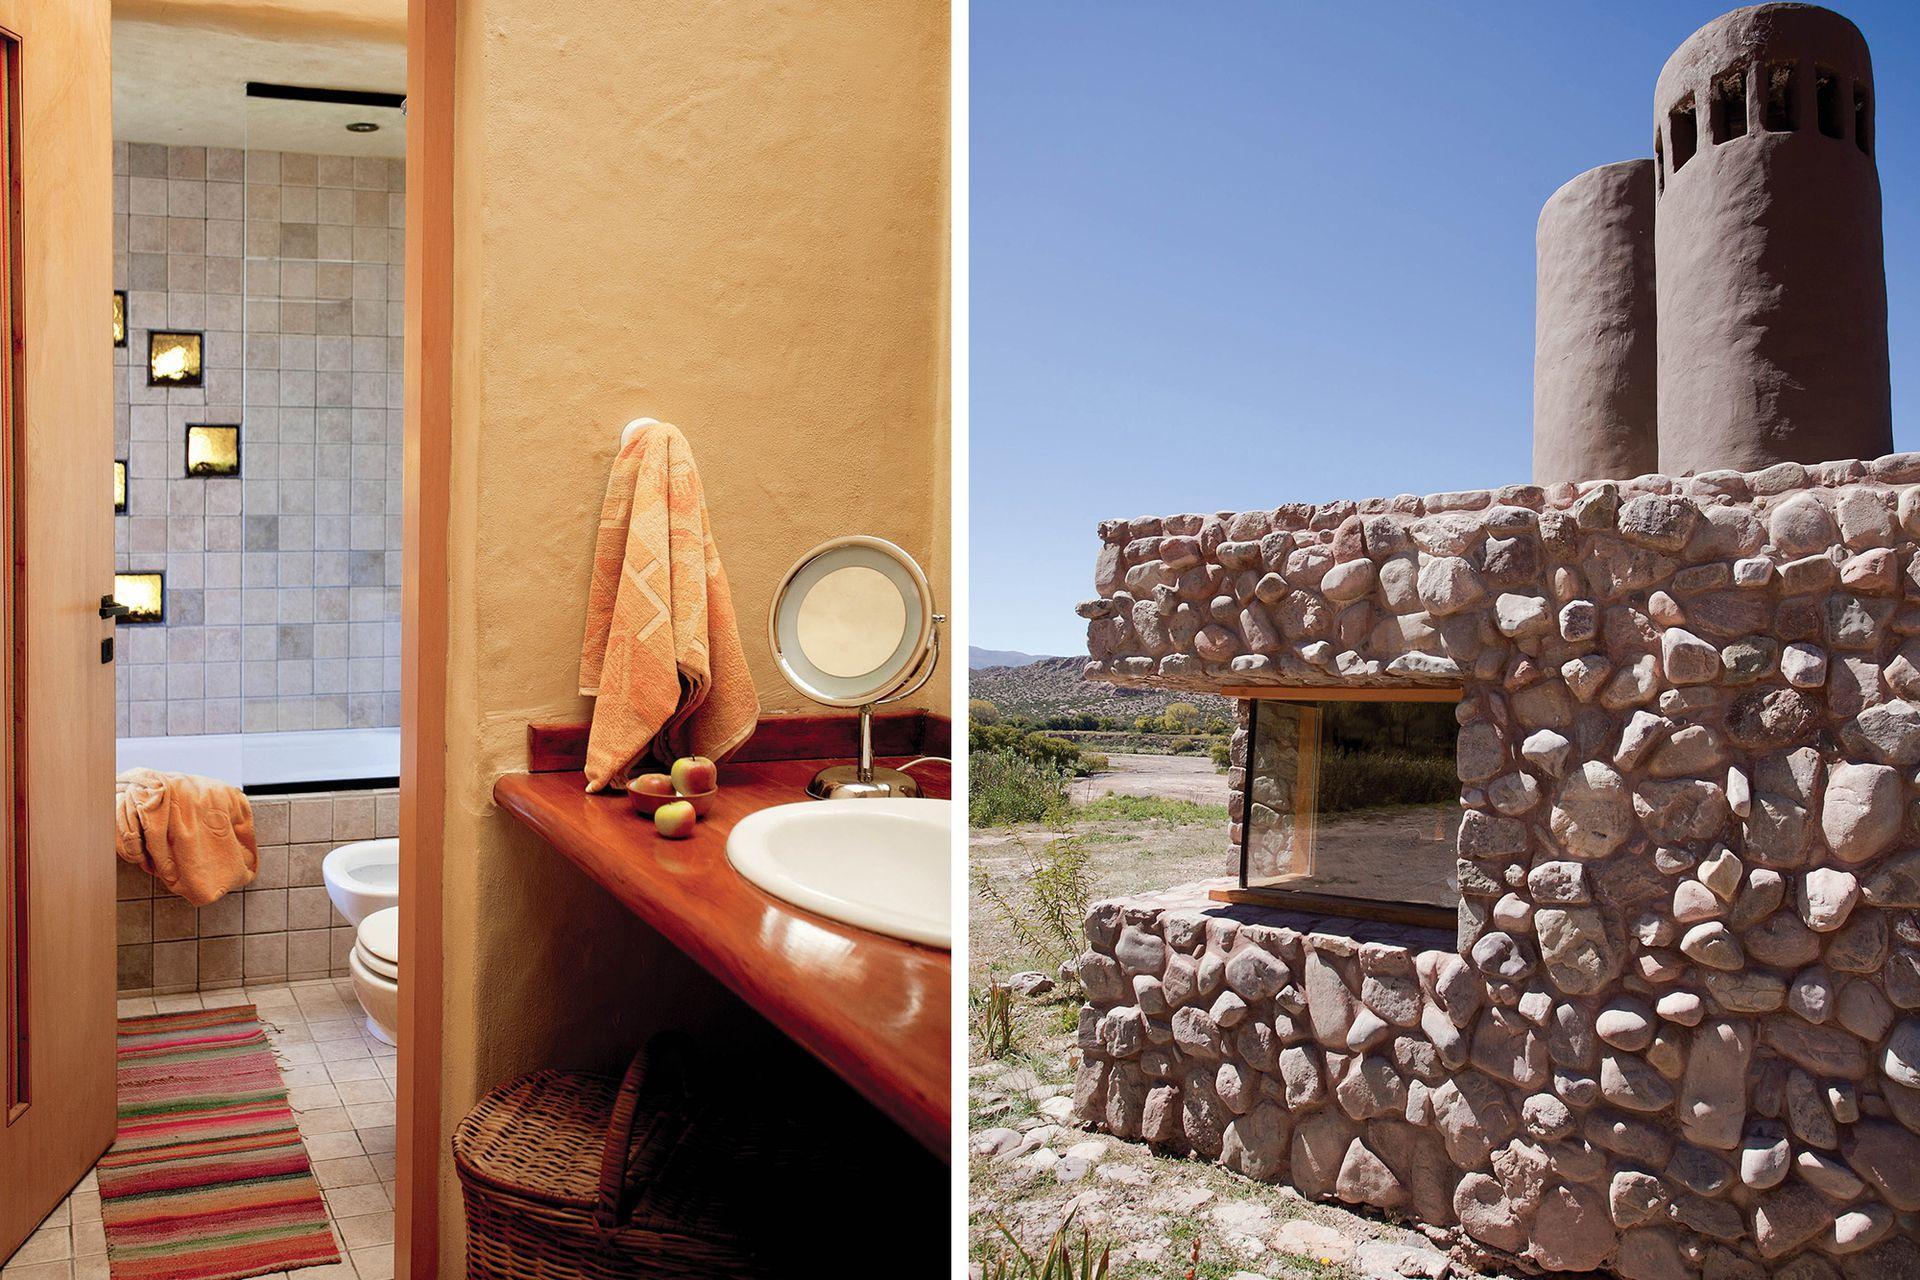 En la pared del baño, el efecto transparente de los ladrillos de vidrio.